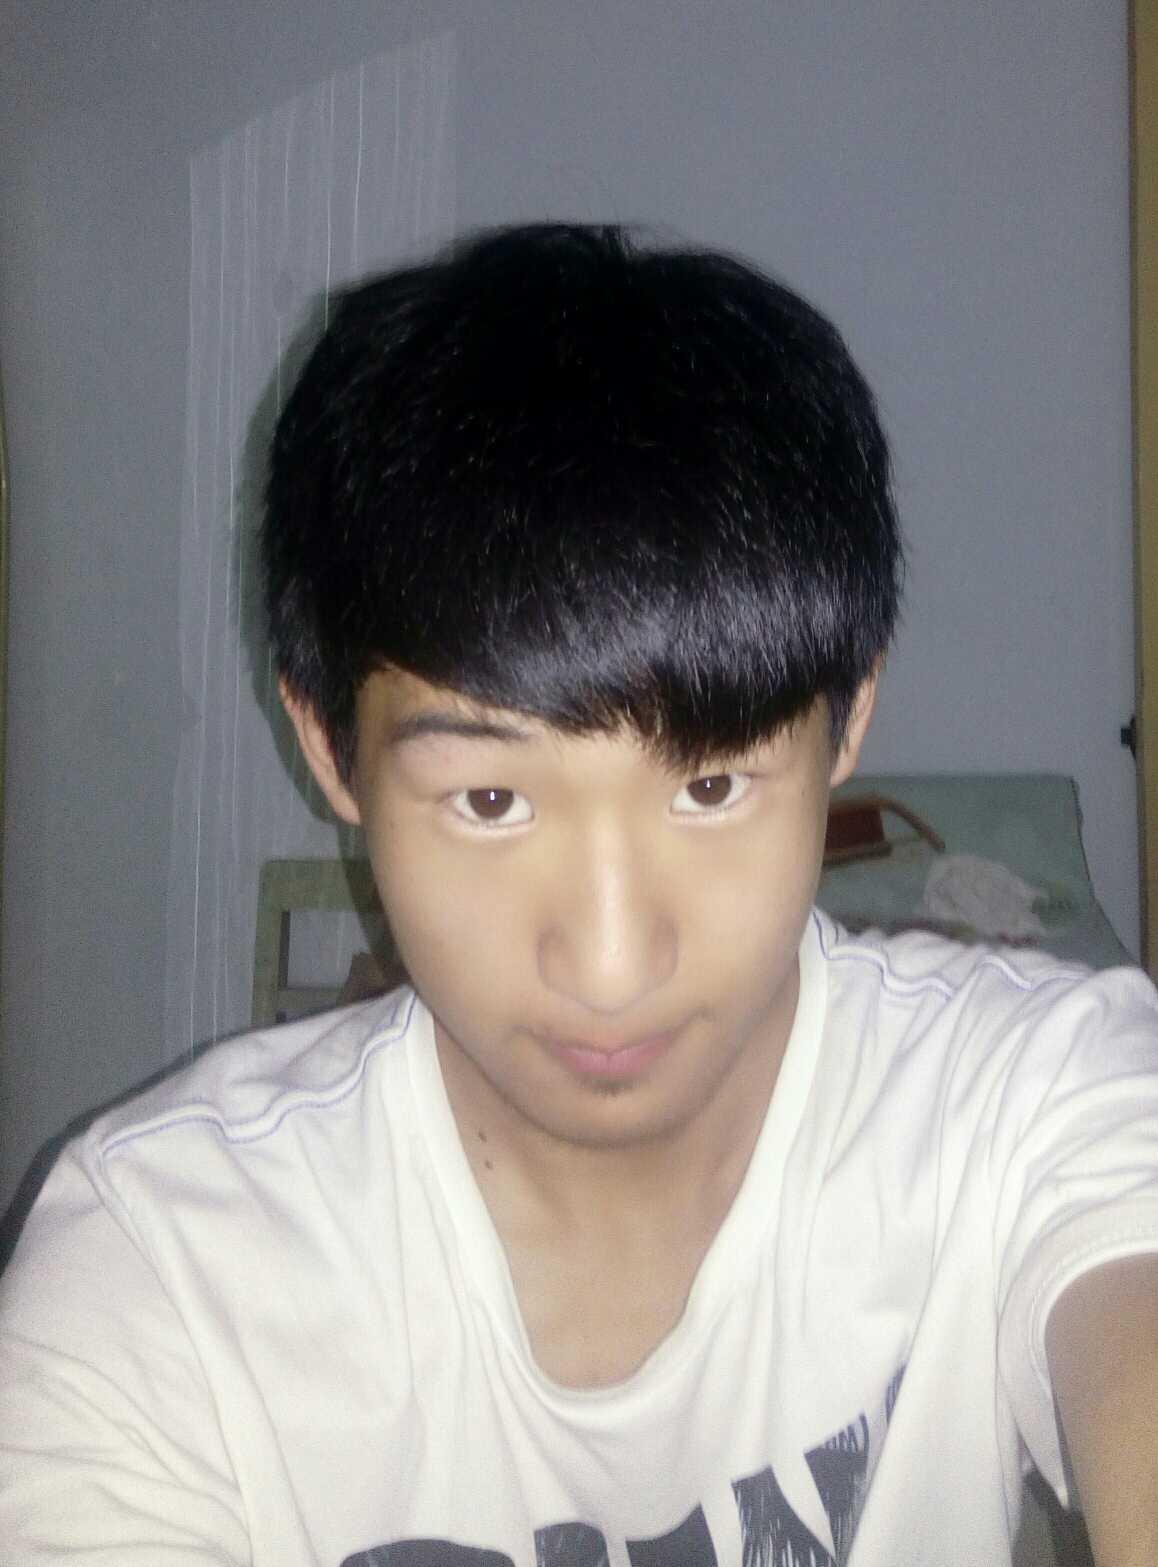 大家好做双眼皮多久能消肿?适合切开还是埋线,谢谢,哦对,还有韩式三点对吧